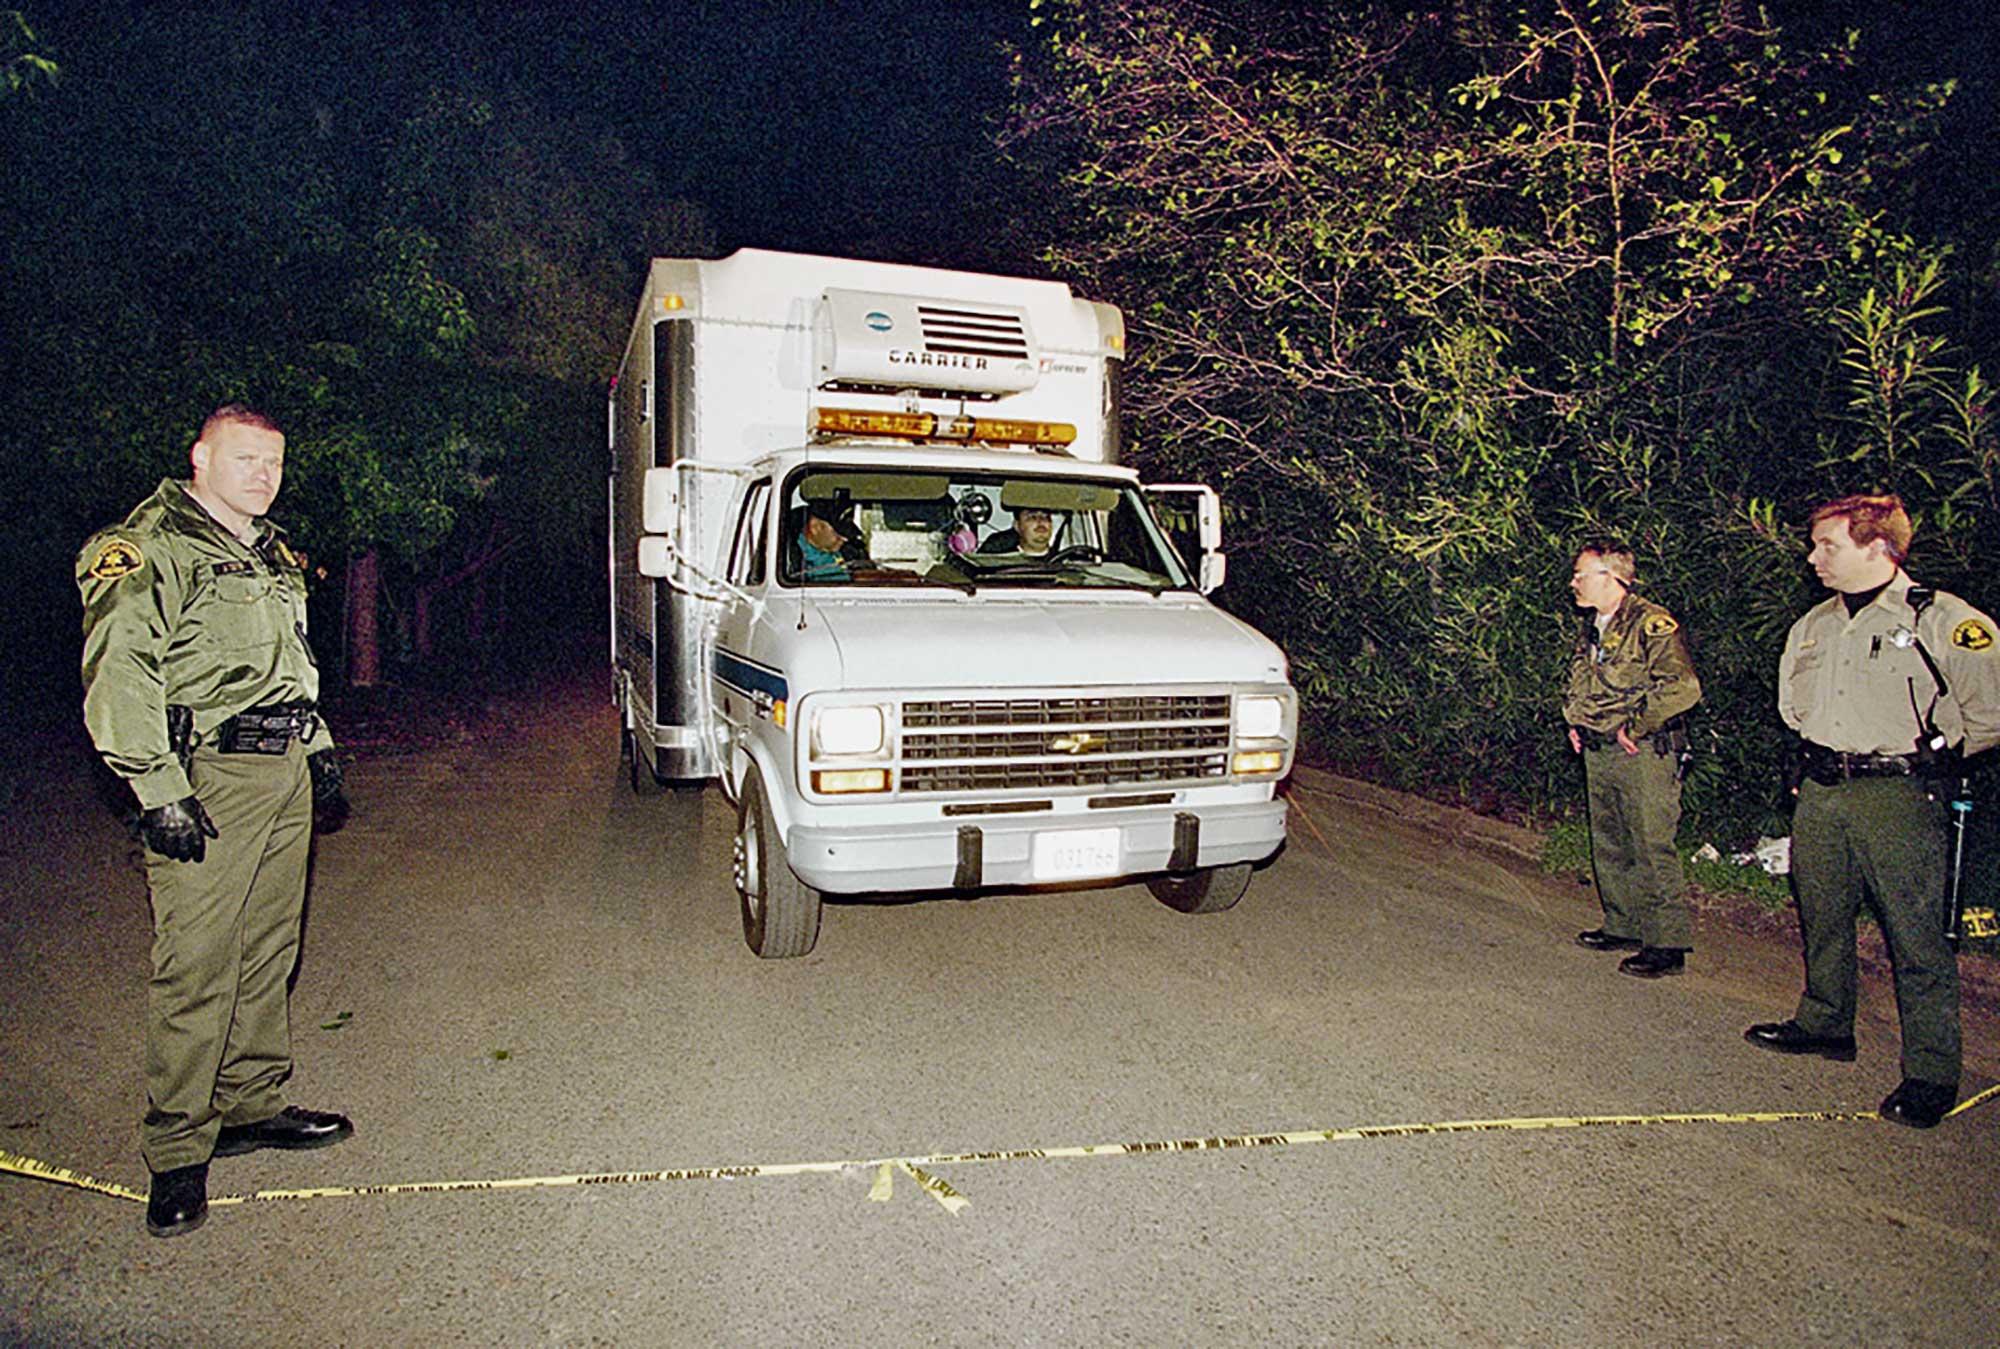 Полиция увозит тела сектантов. Громкое ритуальное самоубийство трех десятков человек вызвало шок увсей Америки